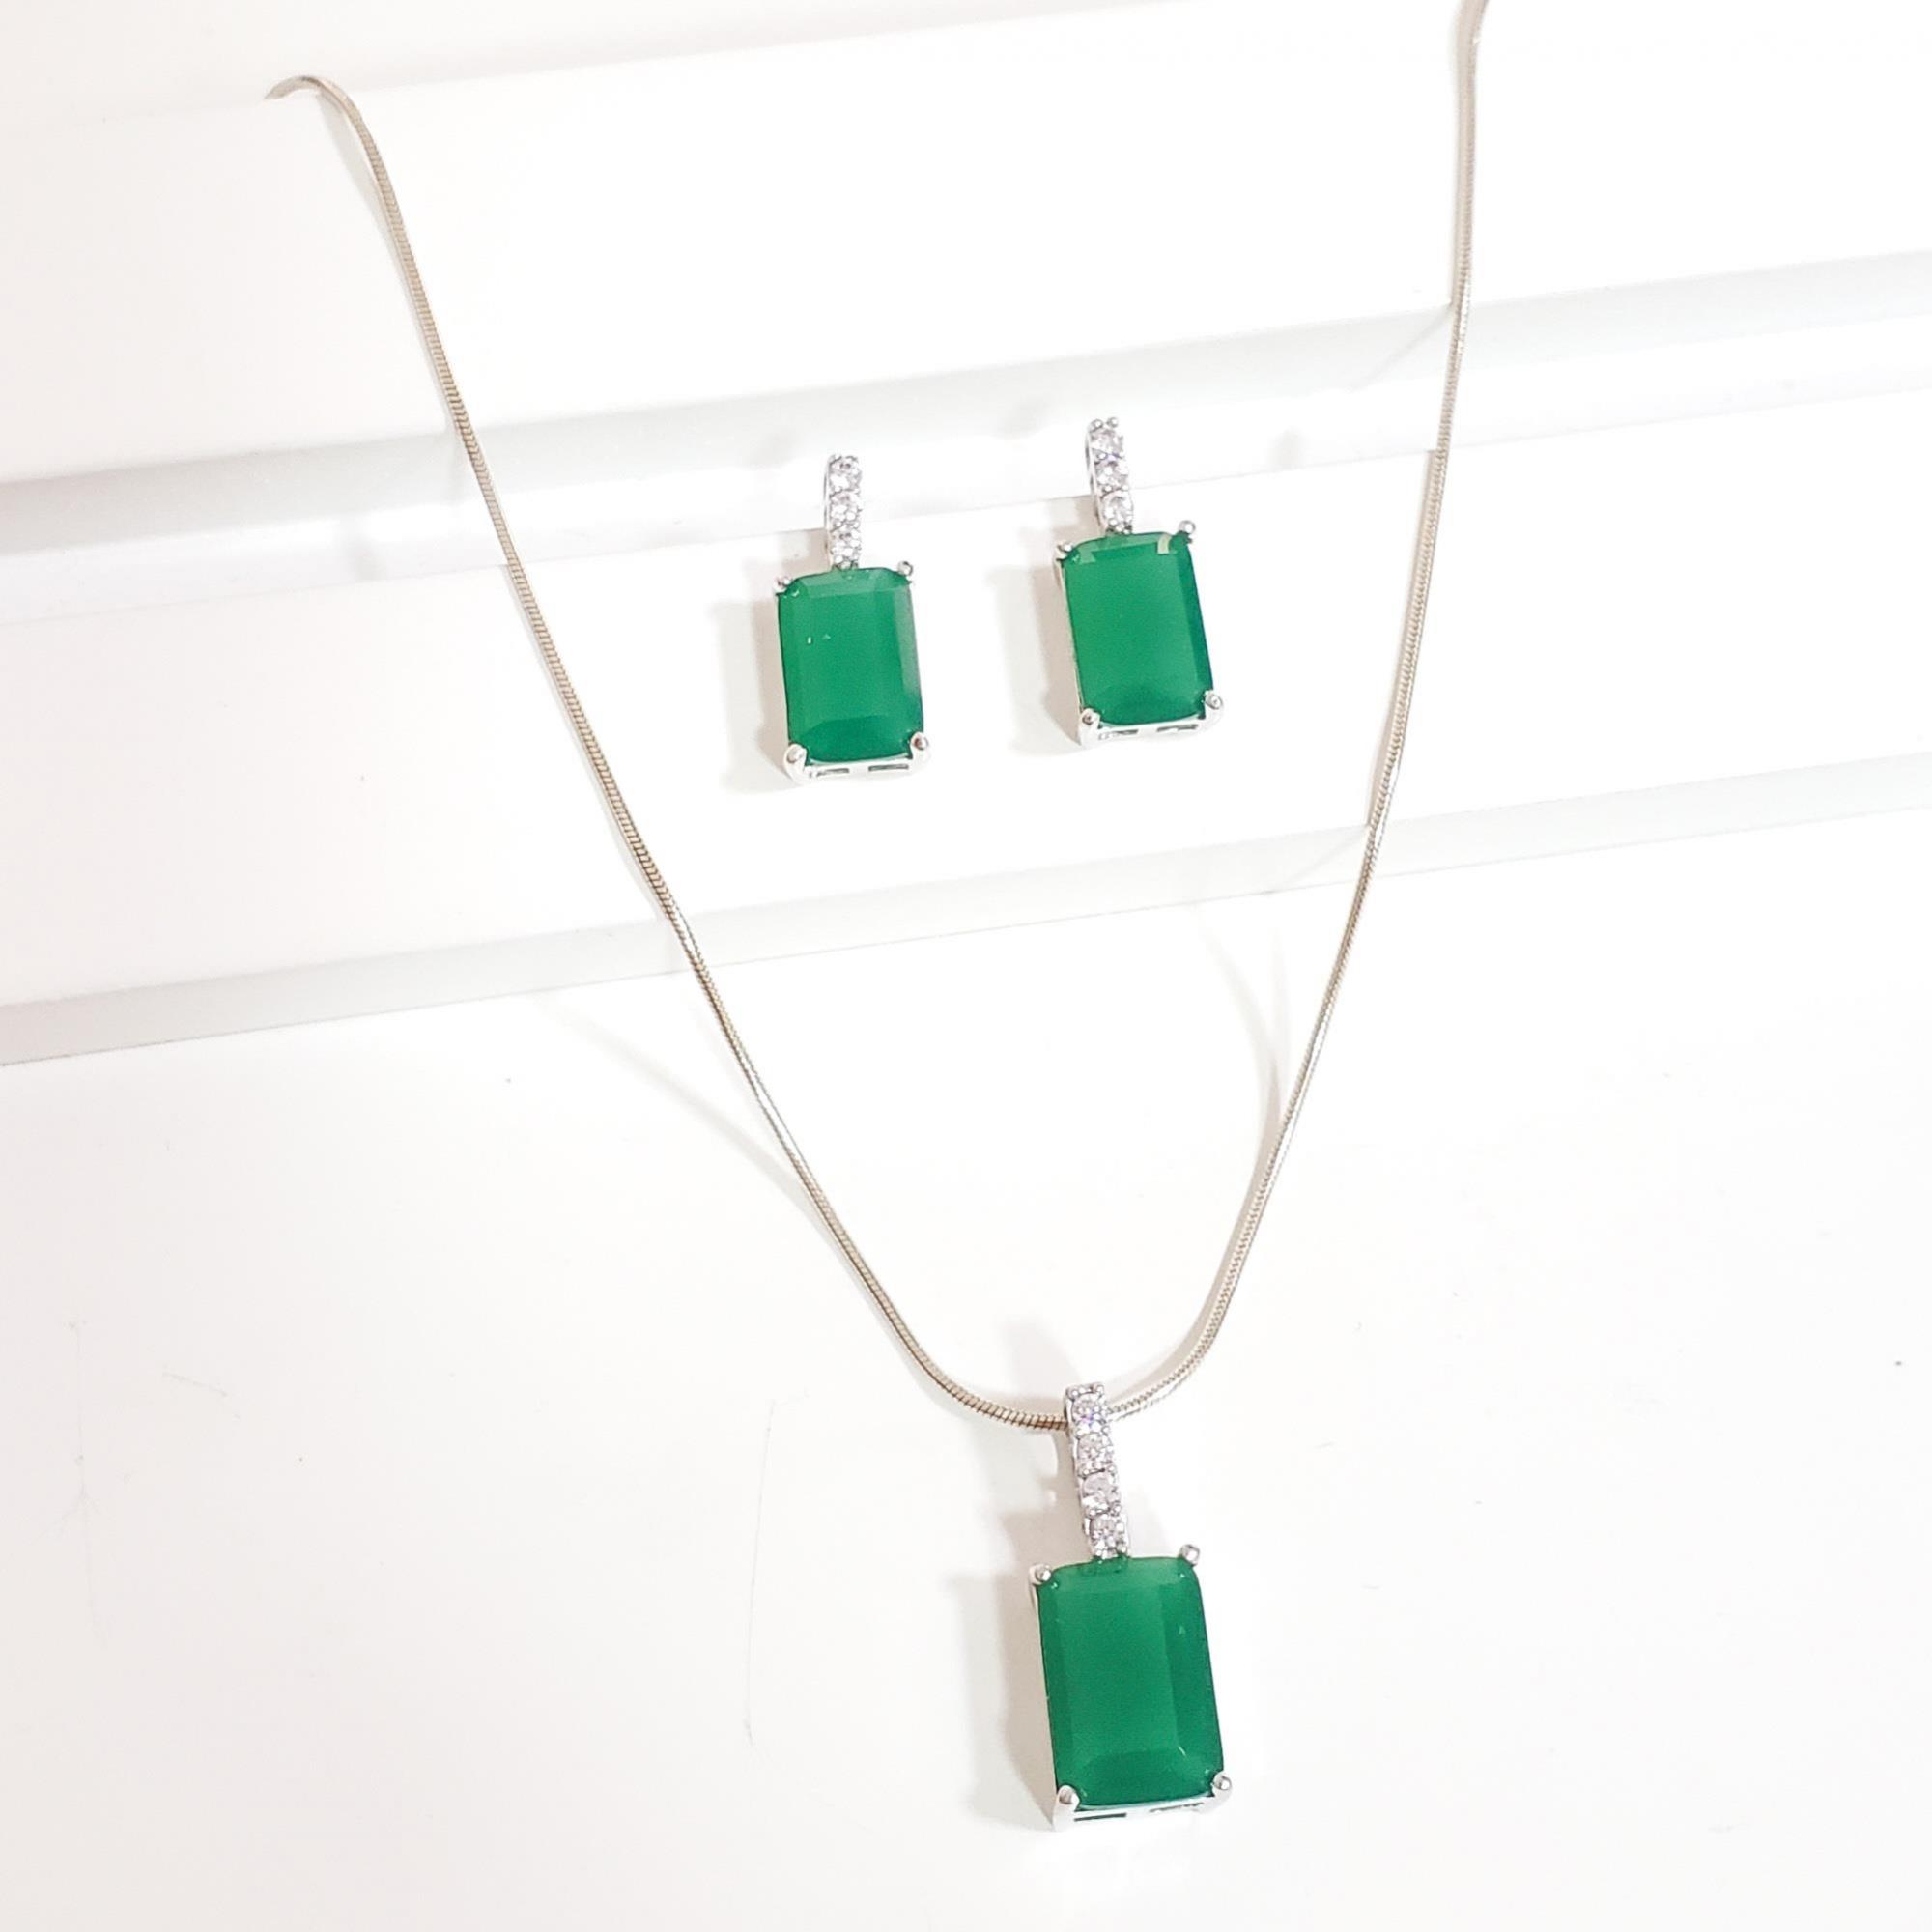 Conjunto Colar e Brinco Cristal Verde com Zircônia Prata 925